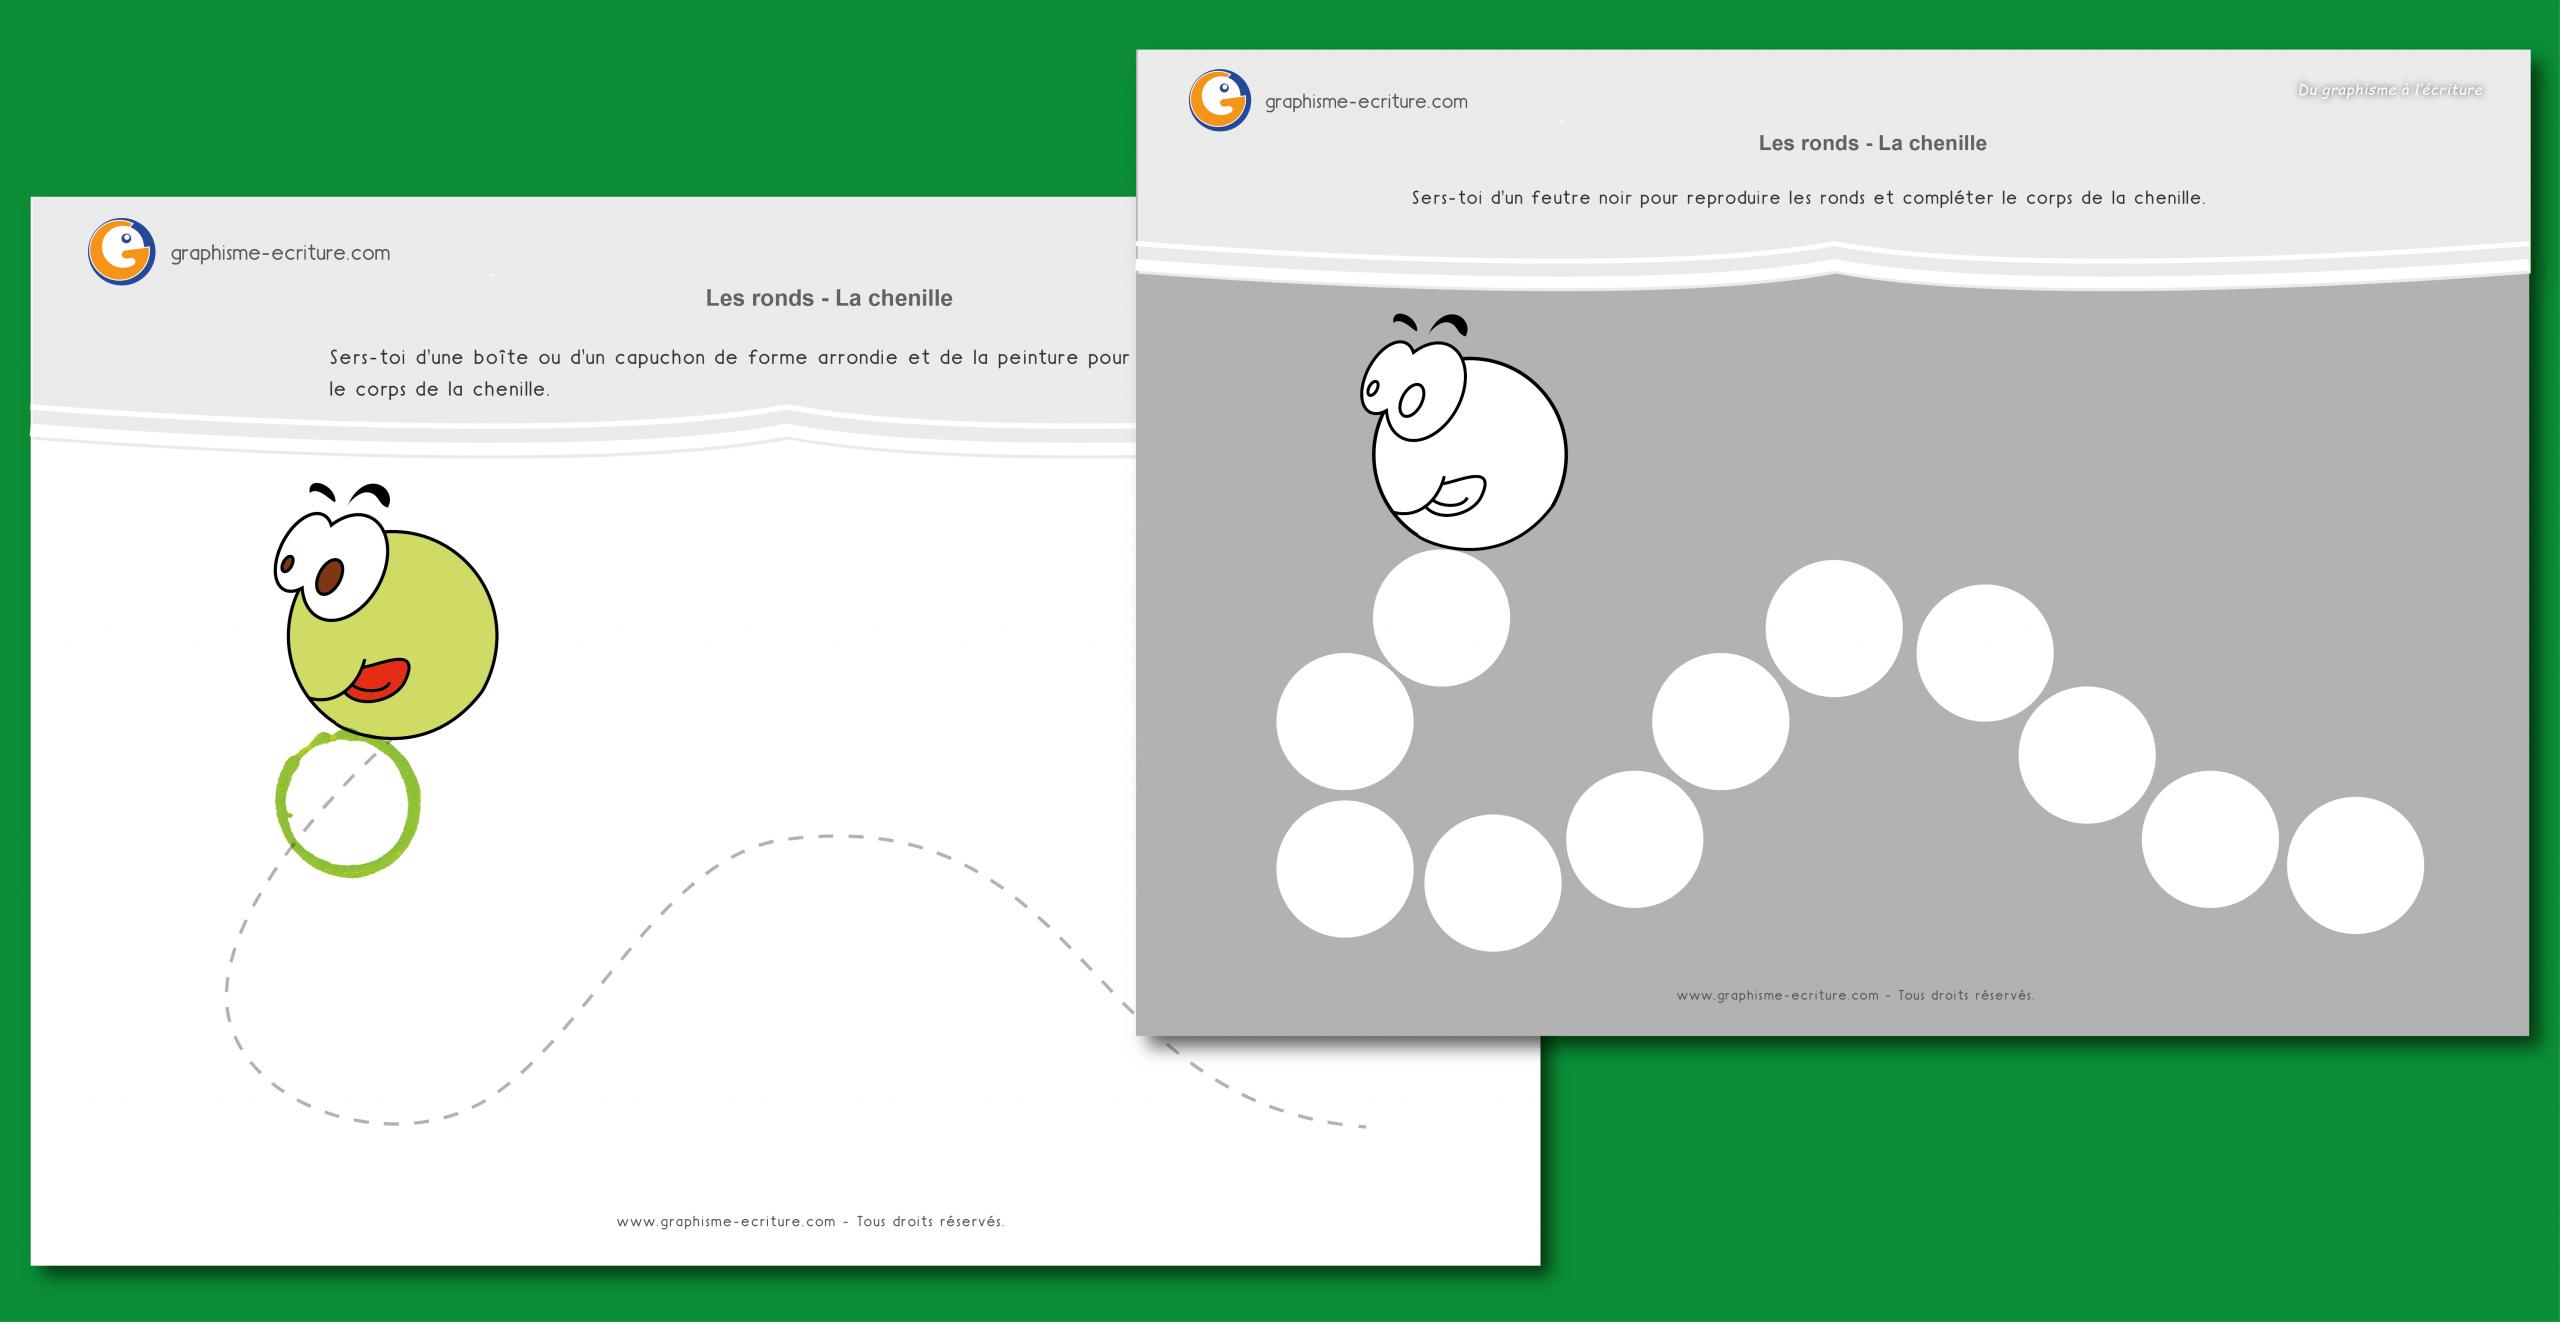 Graphisme Petite Section Ronds : Le Corps De La Chenille dedans Exercice De Graphisme Petite Section A Imprimer